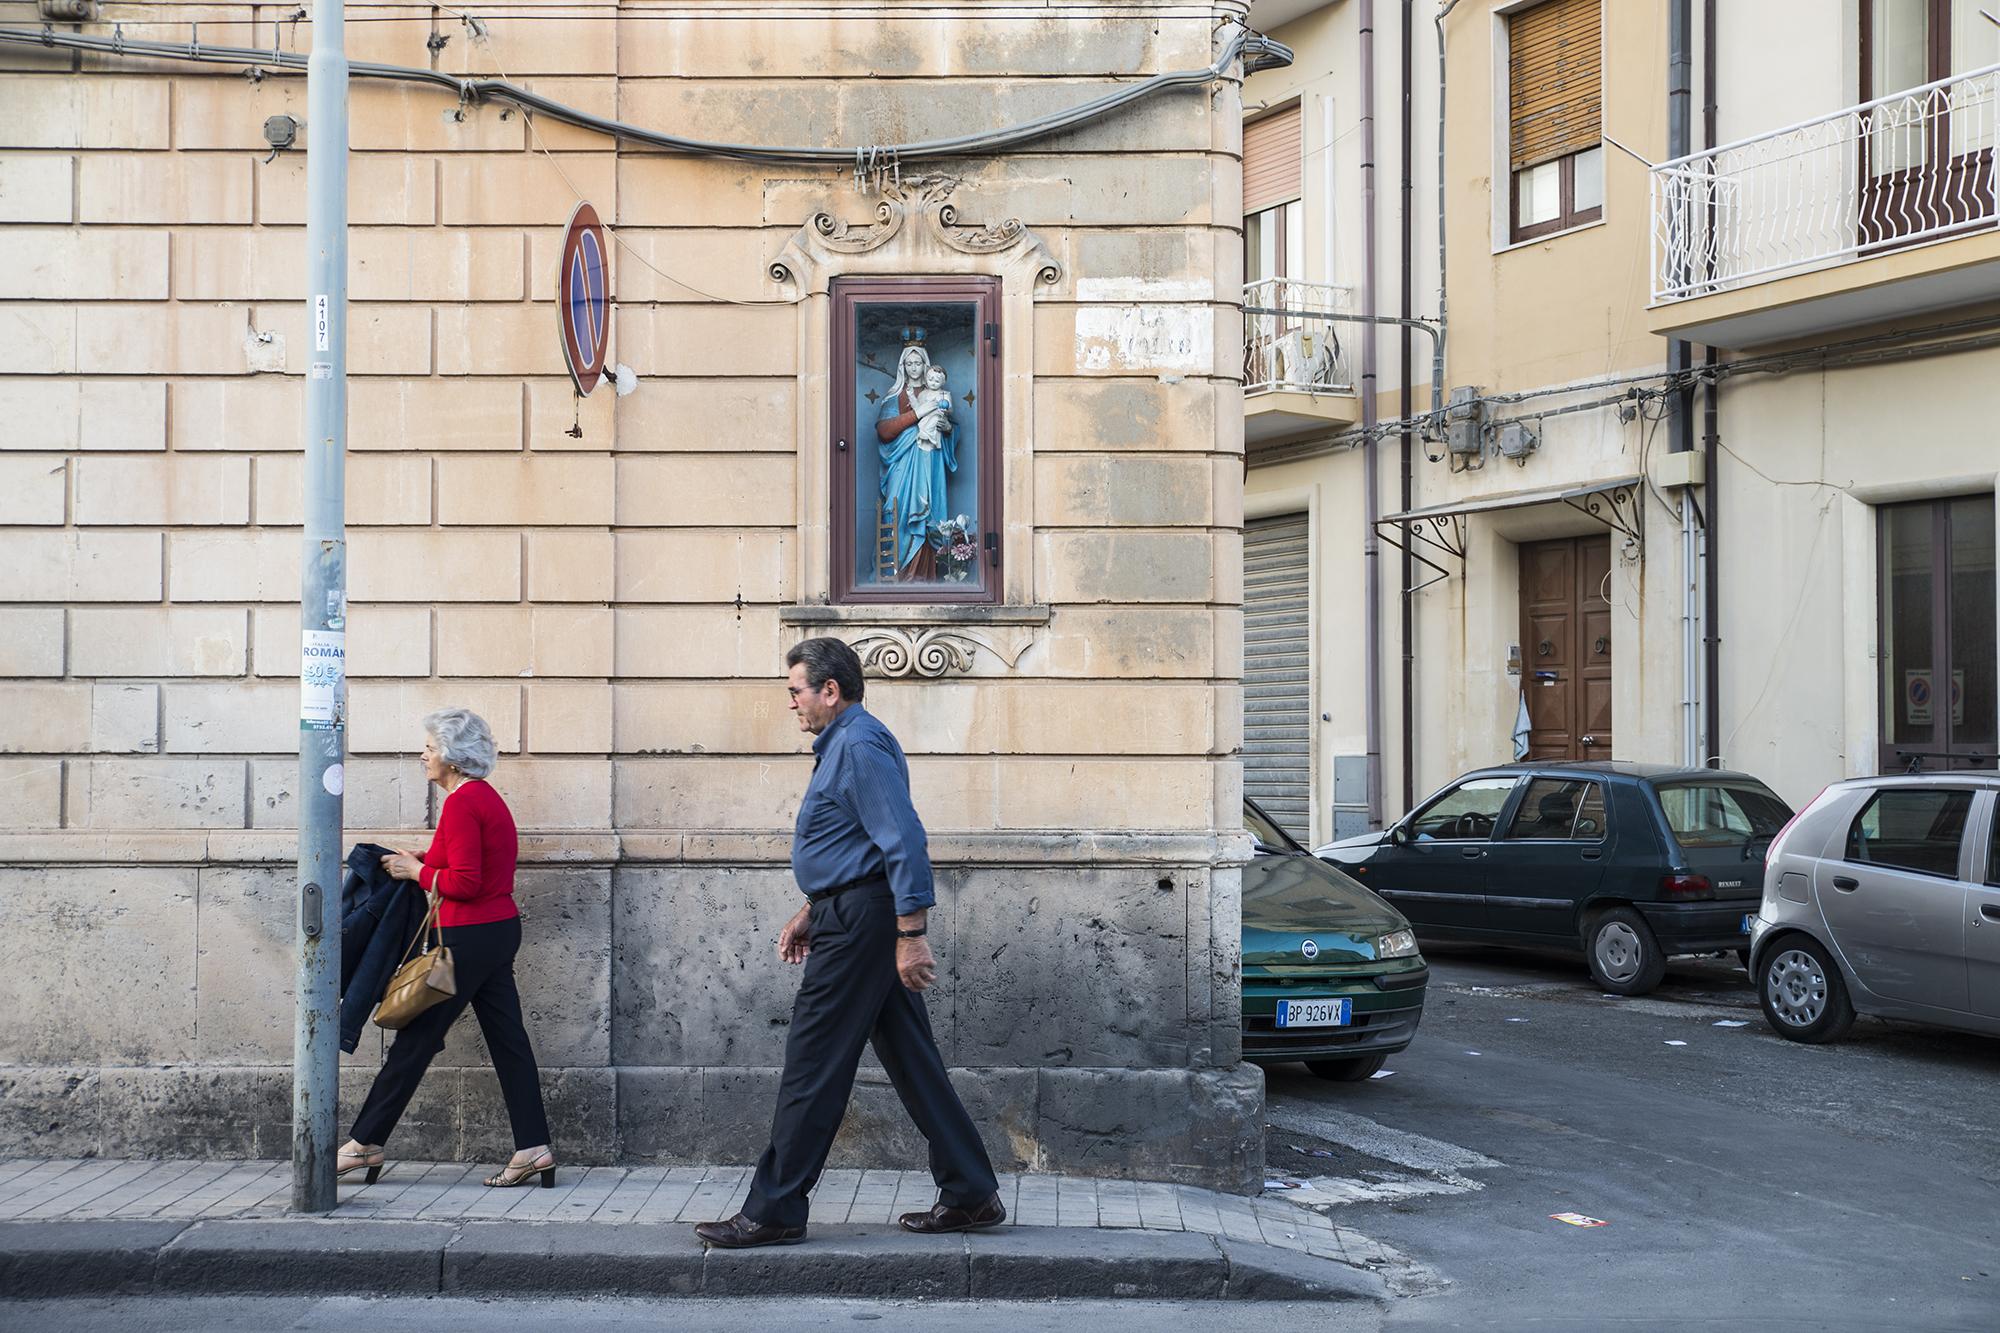 Palermo Mary, Sicily